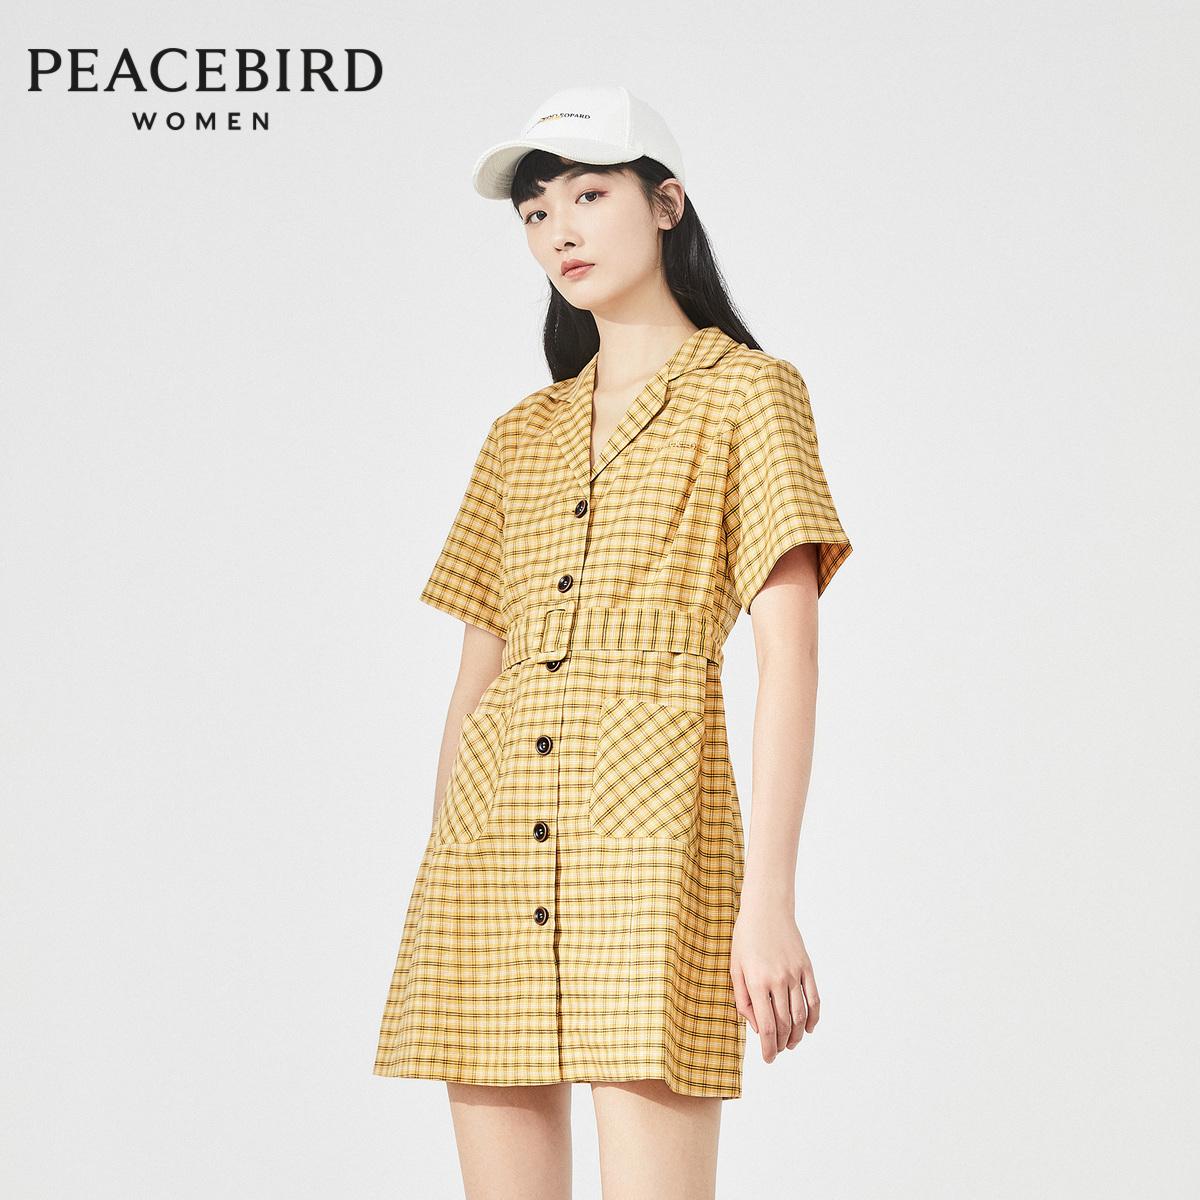 太平鸟格纹连衣裙女2020夏季新款v领高腰休闲polo连衣裙A1FA92877